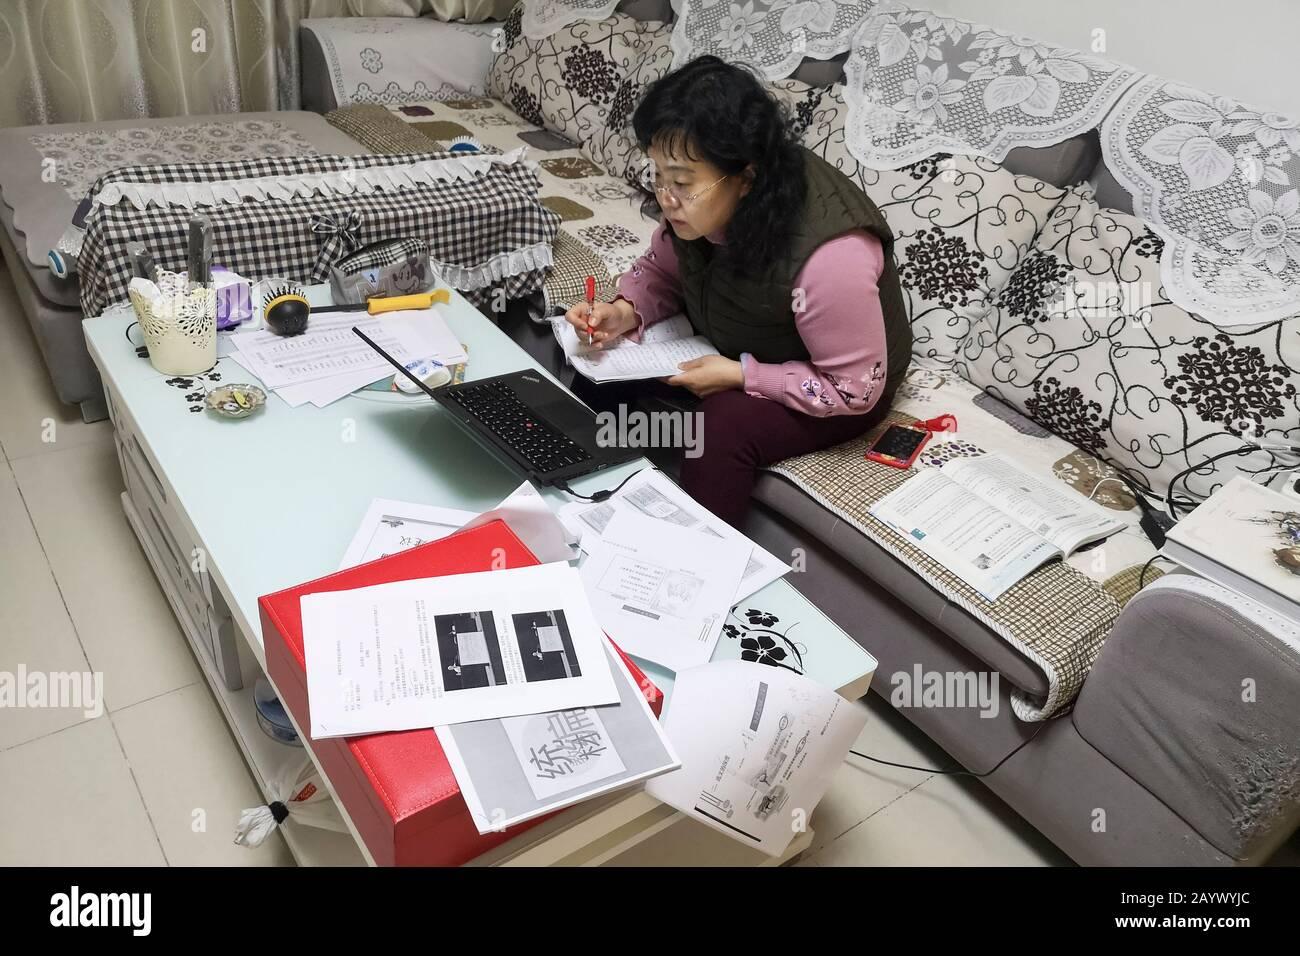 Pékin, Chine. 17 février 2020. Yang Xia, enseignant de l'école primaire, prépare une classe en ligne à la maison à Beijing, capitale de la Chine, 17 février 2020. Des millions d'étudiants chinois ont commencé à apprendre en ligne lundi, puisque le nouveau semestre scolaire initialement prévu pour le 17 février est actuellement reporté en raison d'un mécanisme national de lutte contre l'épidémie. Crédit: Xinhua/Alay Live News Banque D'Images